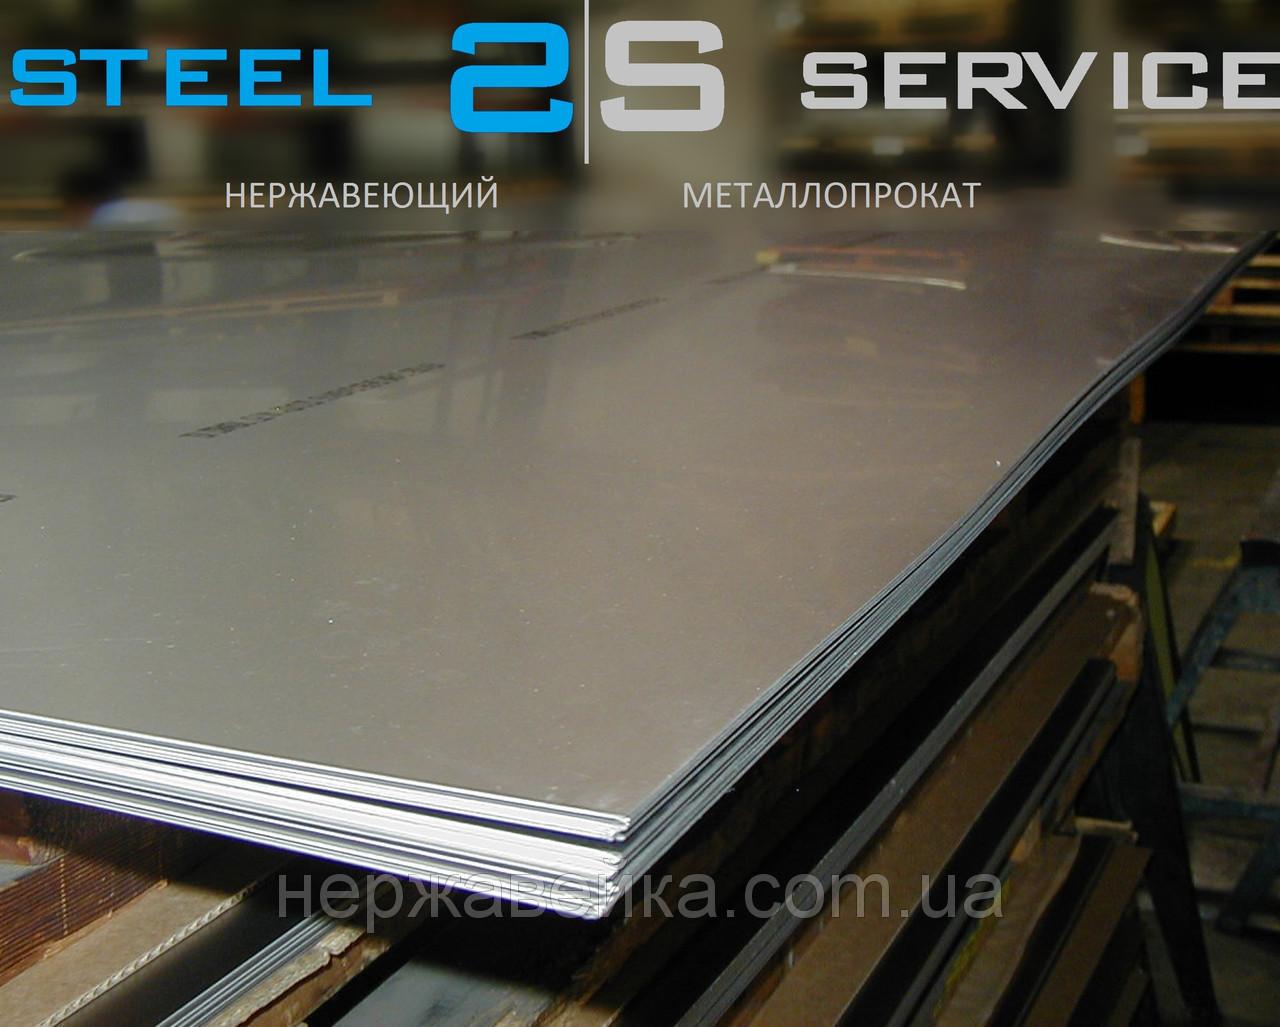 Нержавеющий лист 6х1500х3000мм AISI 316Ti(10Х17Н13М2Т) F1 - горячекатанный,  кислотостойкий